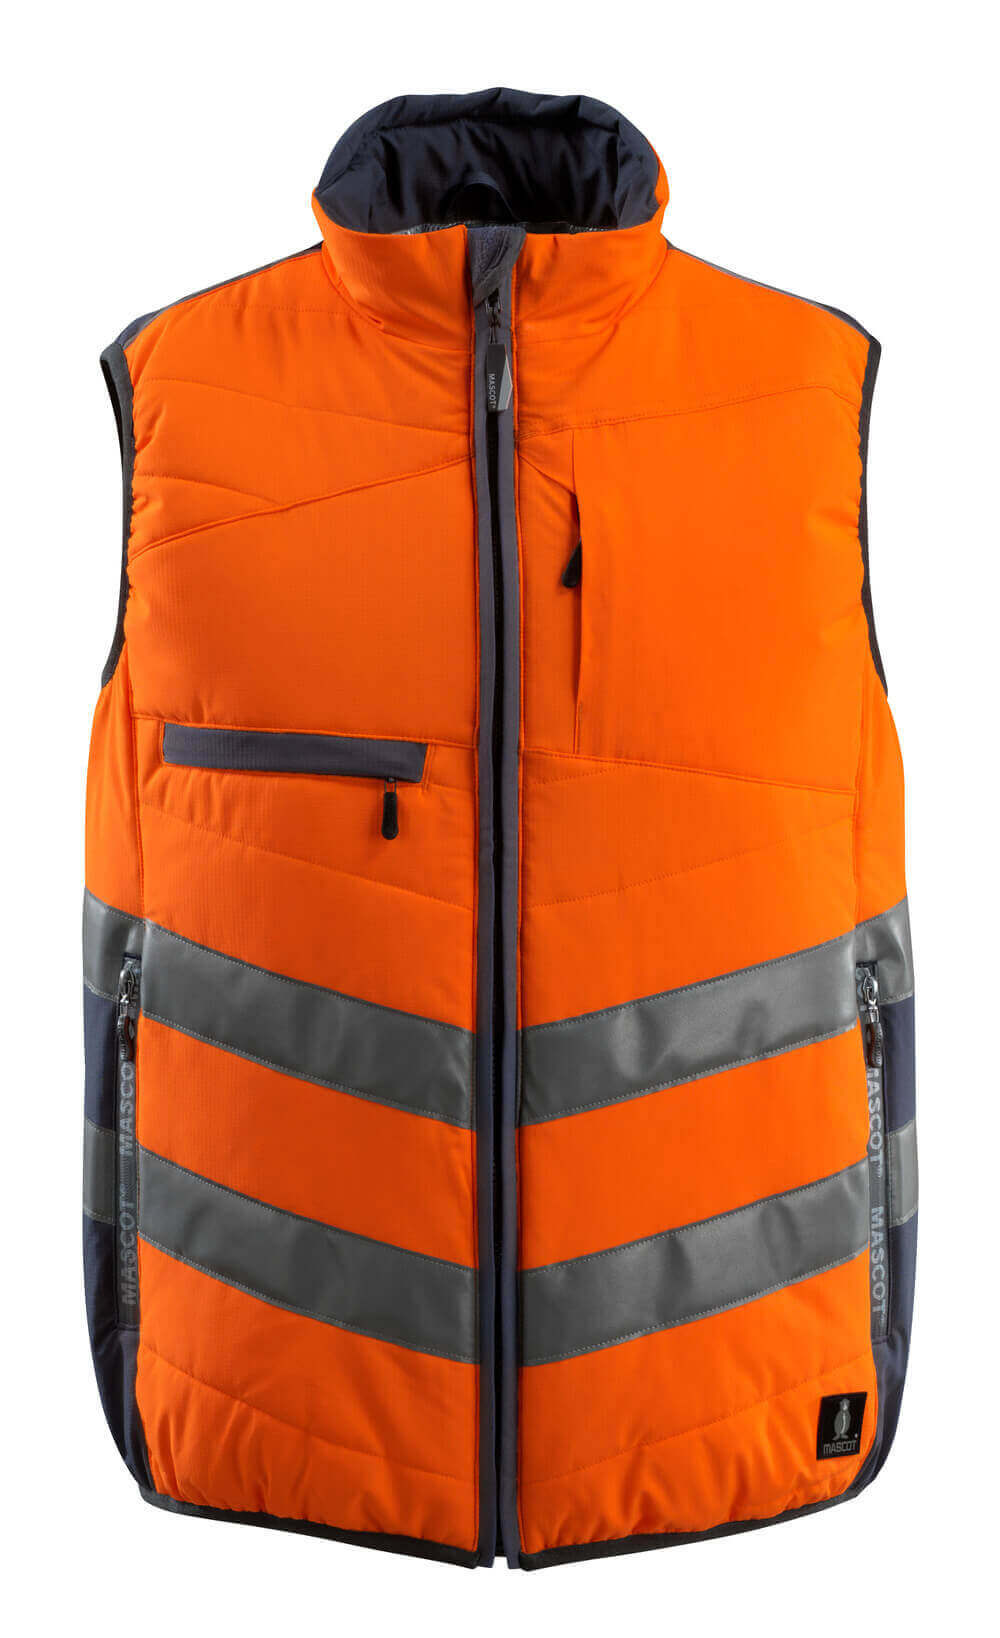 15565-249-14010 Kamizelka zimowa - pomarańcz hi-vis/ciemny granat